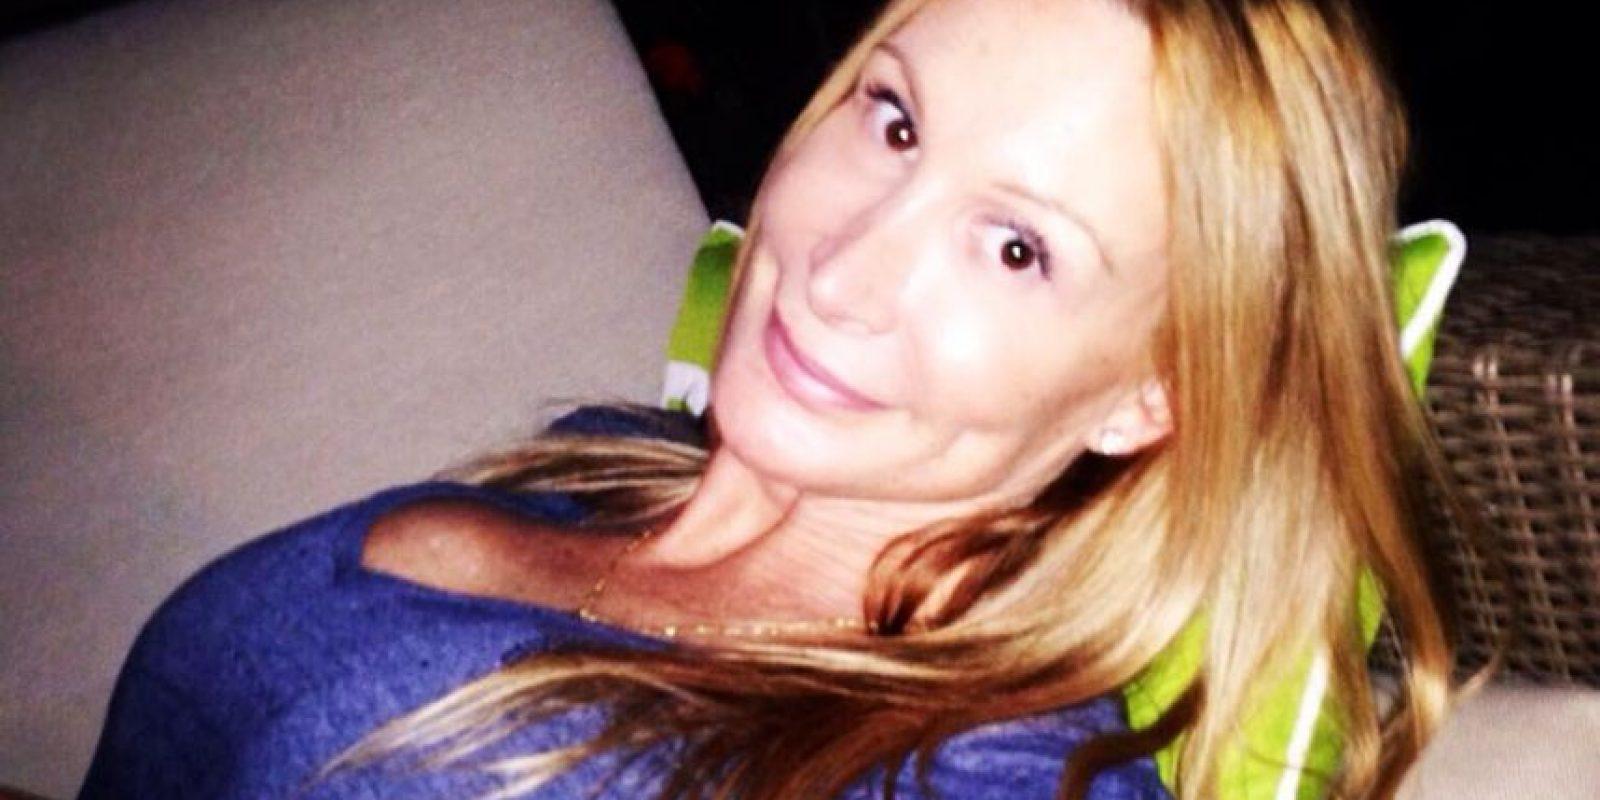 Taylor Lianne Chandler asegura que conoció al mçultiple medallista olímpico gracias a la aplicación Tinder y que comenzaron una relación Foto:www.facebook.com/TaylorLianneChandler